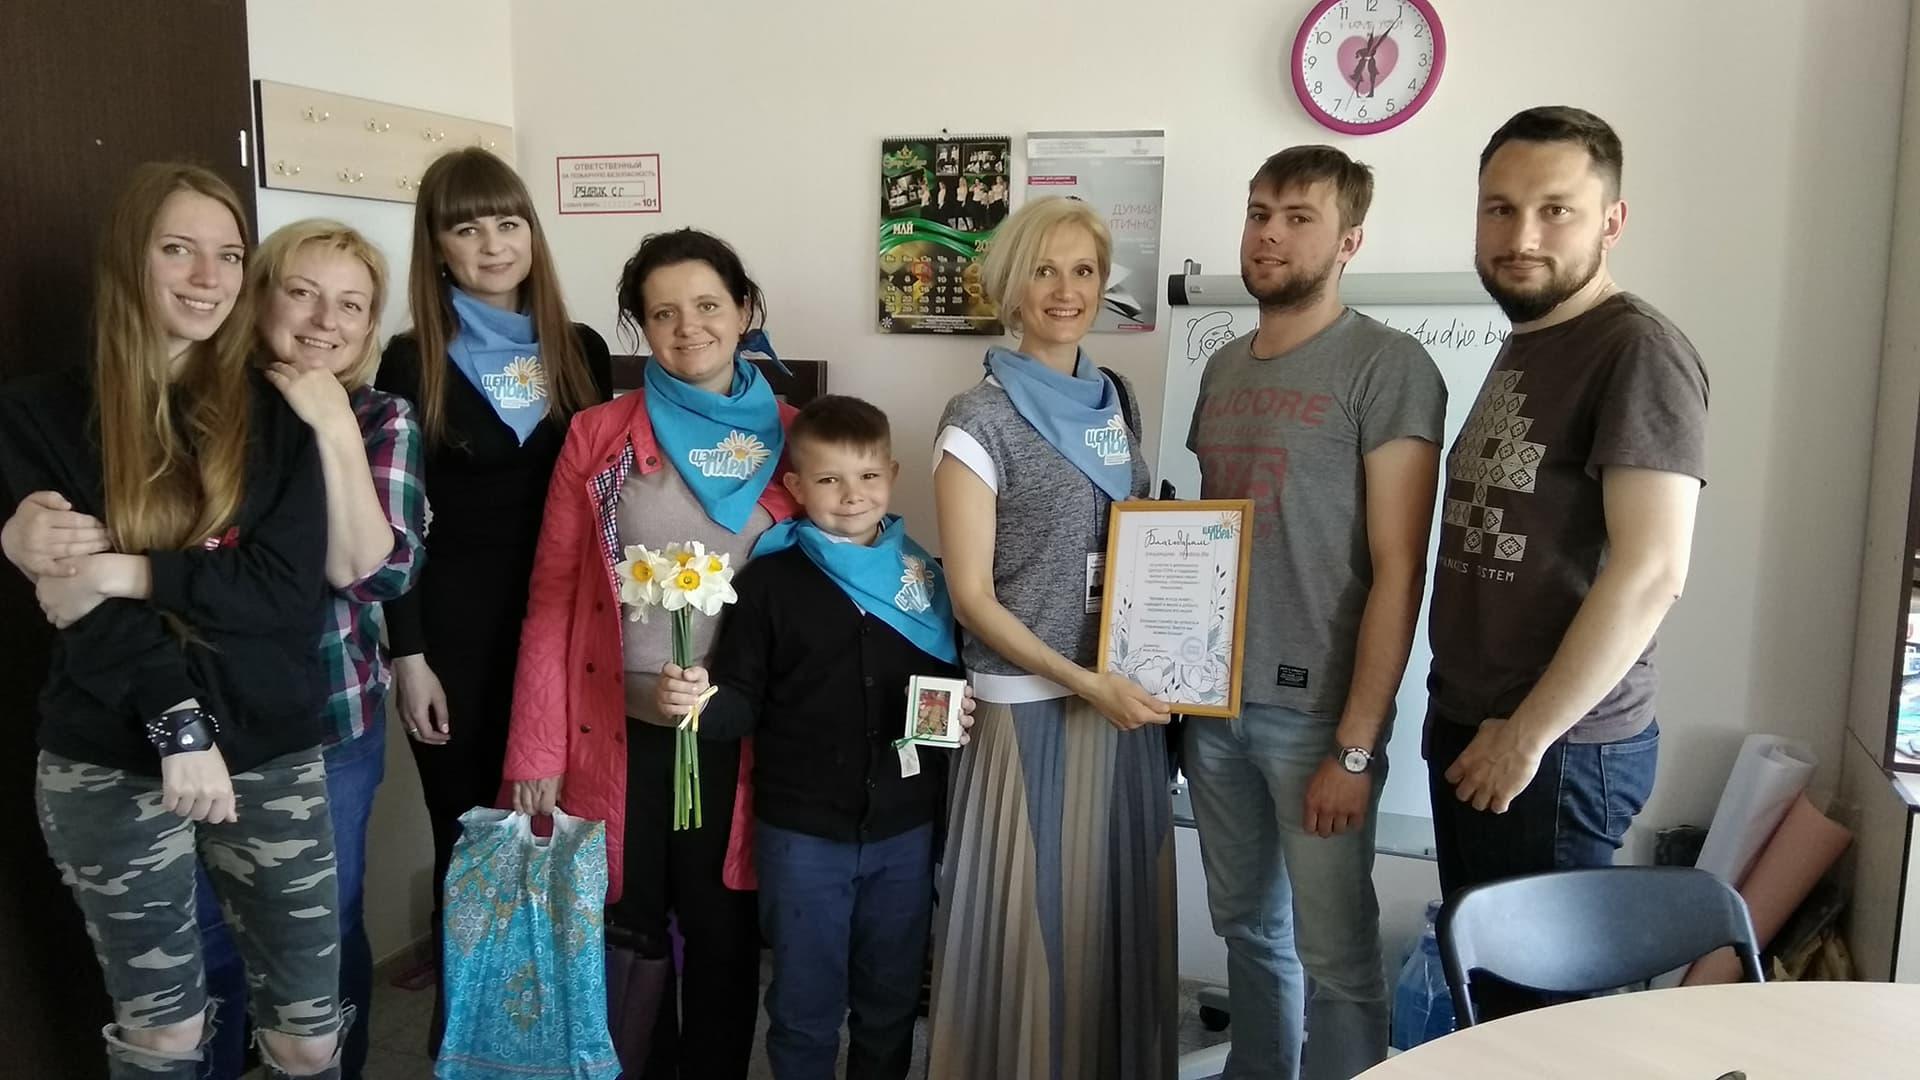 Миша Дюрдь: победил рак, пошел в школу, научился играть в шахматы